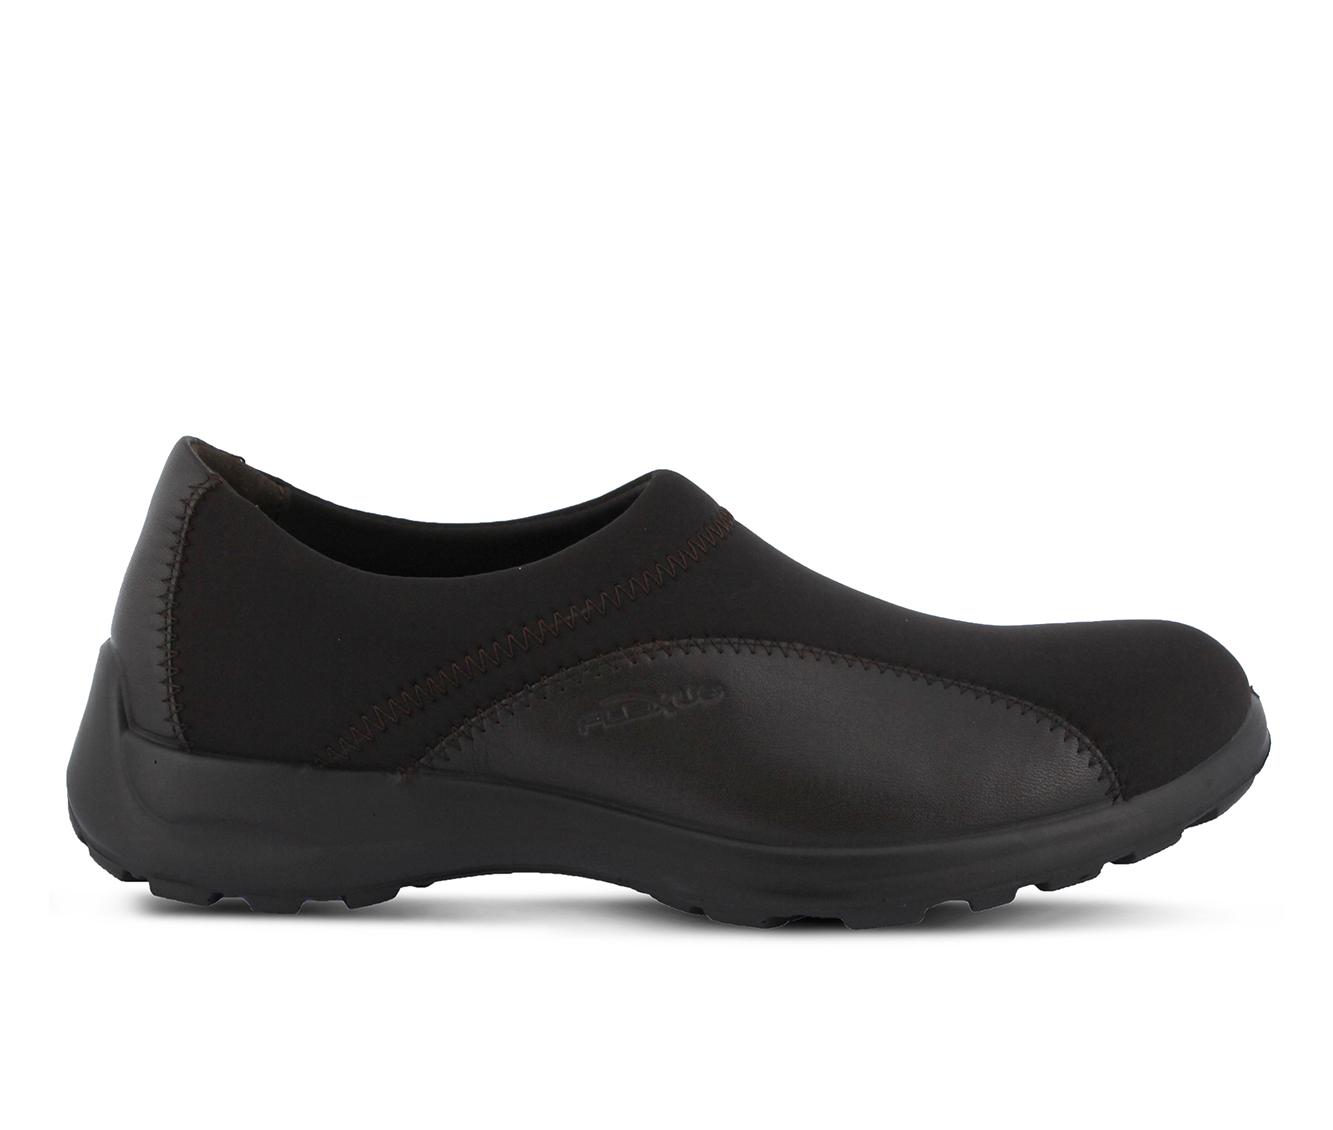 Flexus Willow Women's Shoe (Brown Leather)